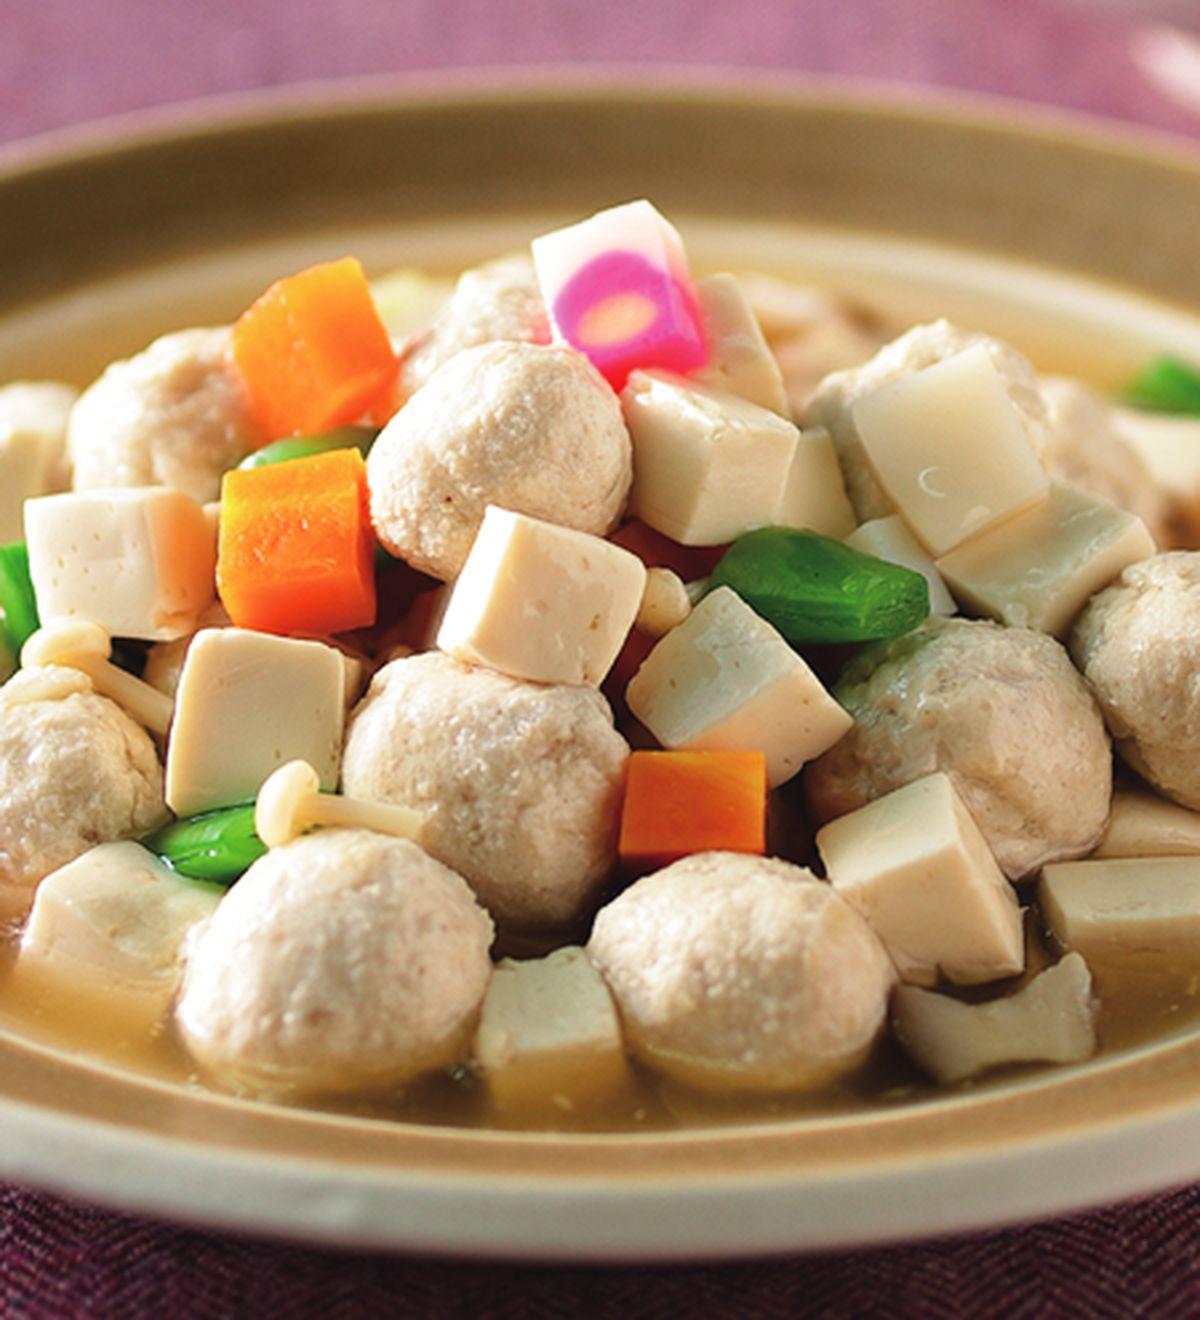 食譜:肉丸子燴豆腐丁